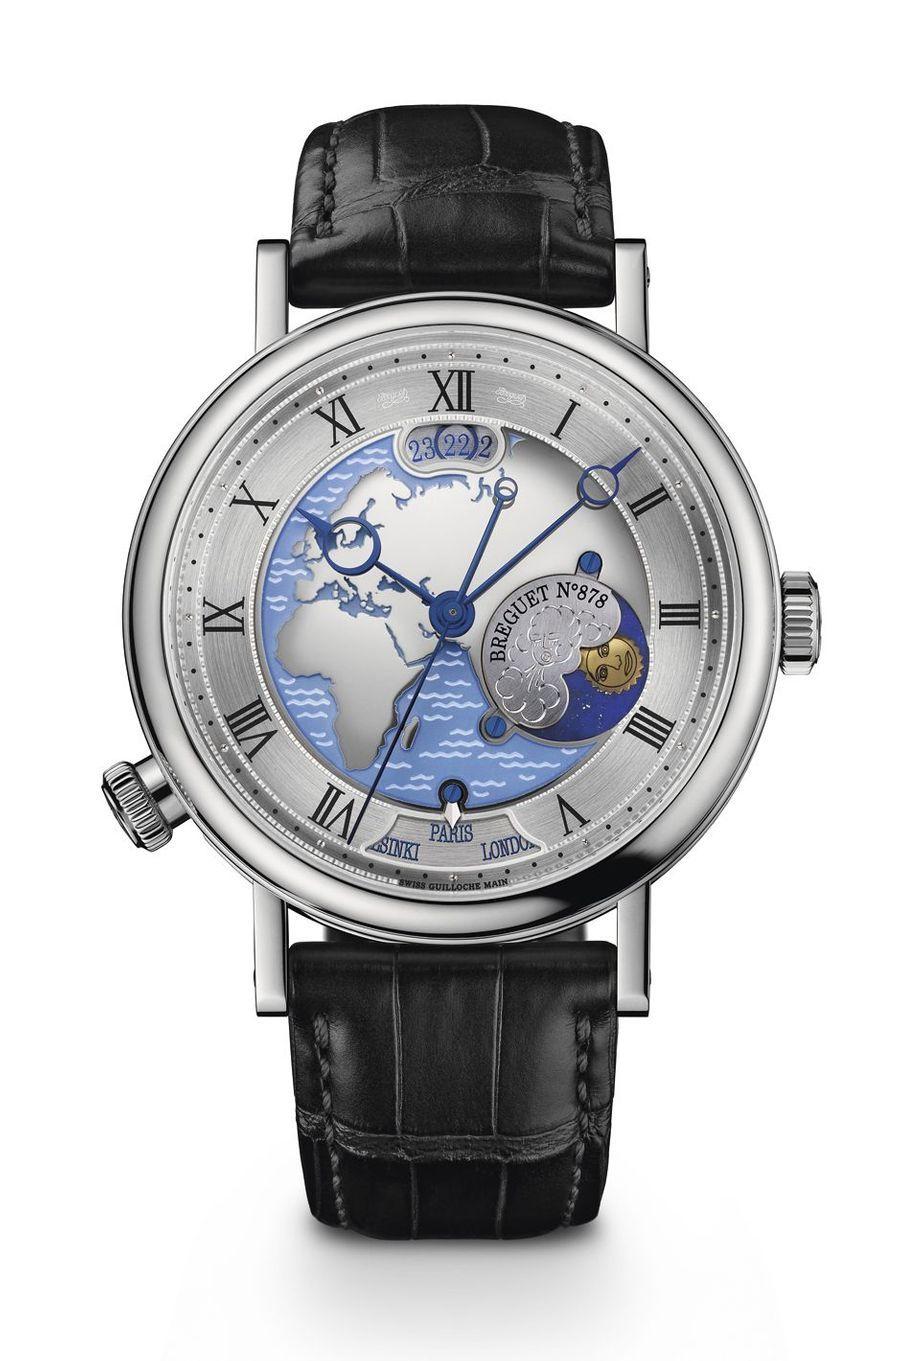 Classique Hora Mundi 5717 en platine, 44 mm de diamètre, mouvement automatique avec second fuseau horaire instantané, indicateurs jour-nuit et des phases de lune, bracelet en alligator. Breguet, 91 800 €.